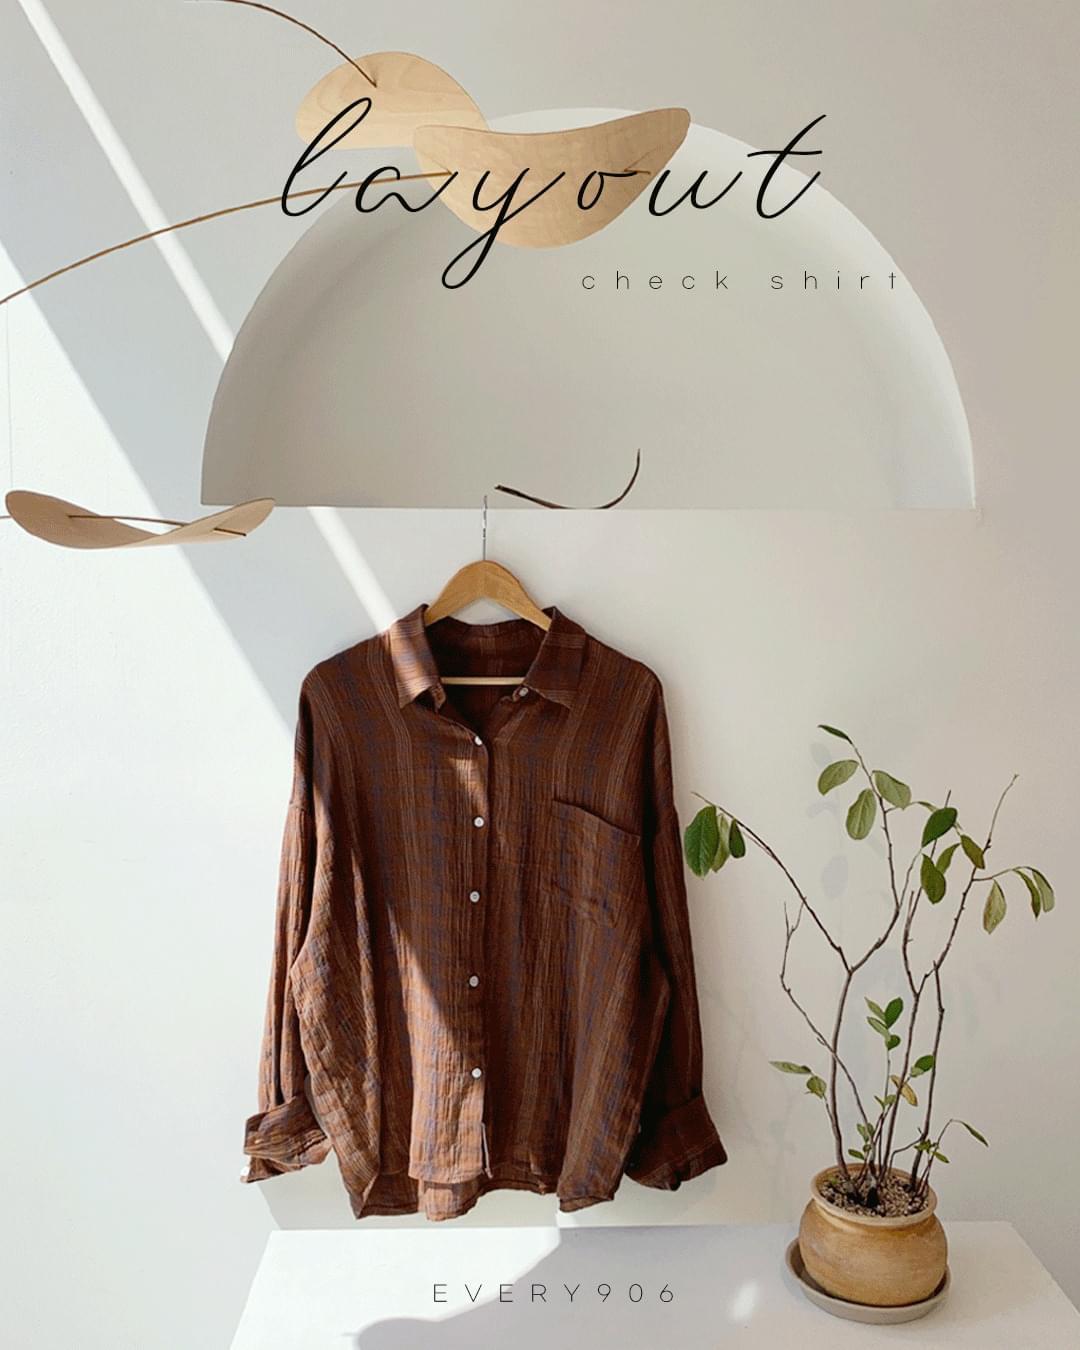 layout check shirt